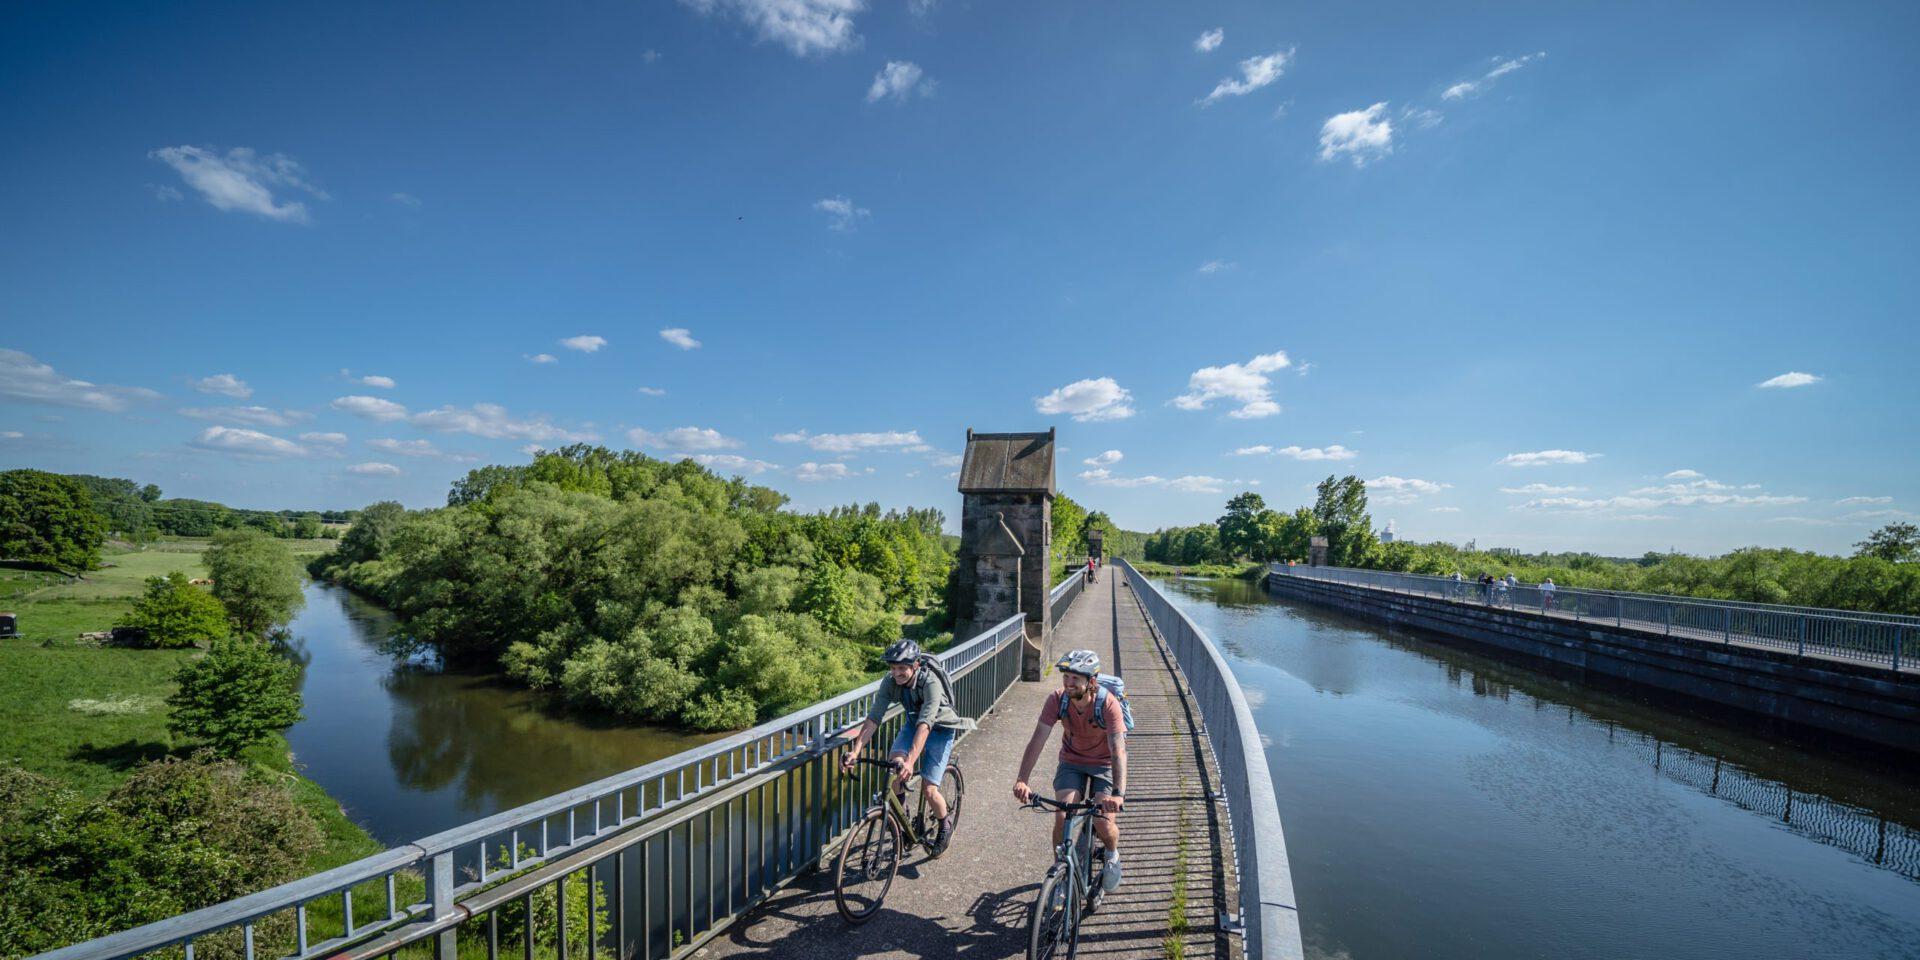 Radweg auf Bruecke mit Kanal ueber Fluss